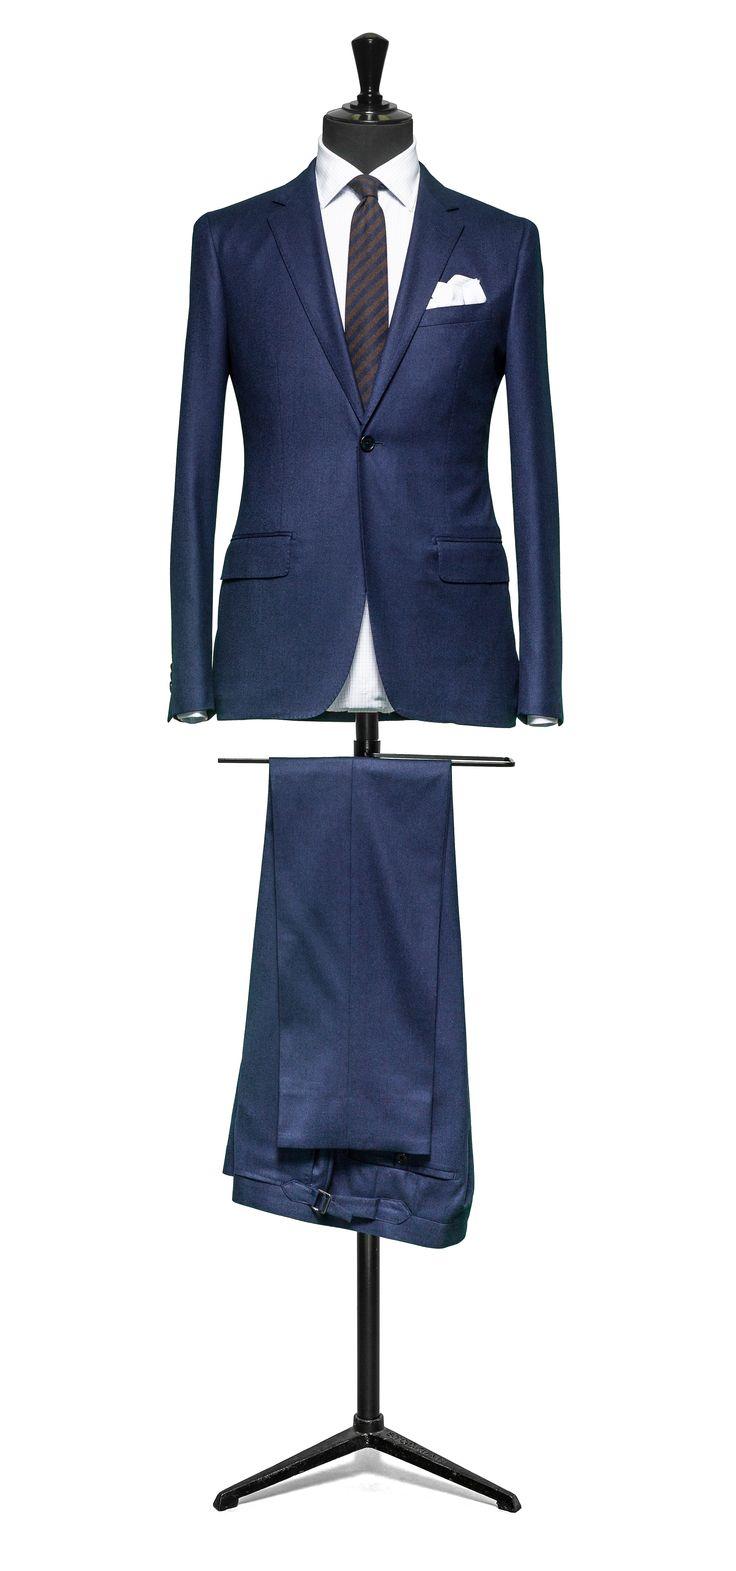 Blue suit Plain flannel S120 http://www.tailormadelondon.com/shop/tailored-suit-fabric-4328-plain-blue/